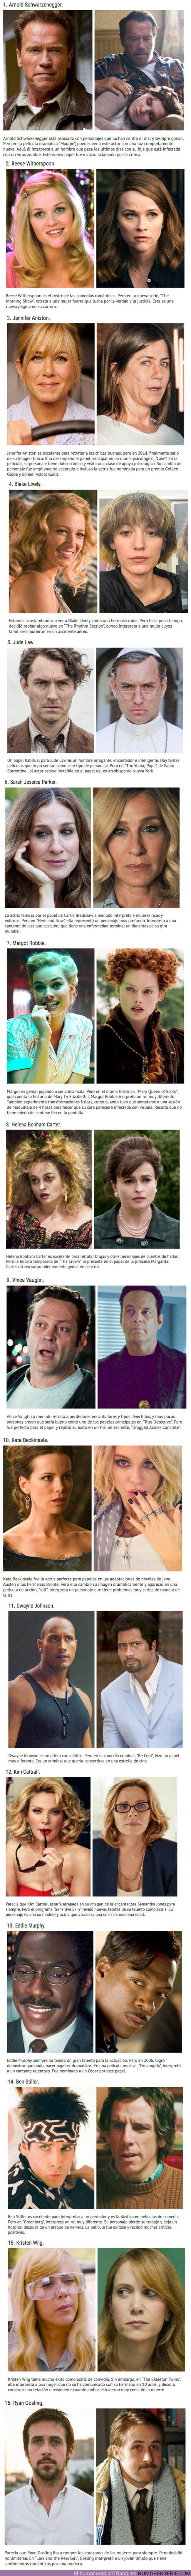 50766 - 16 actores que sorprendieron a todo el mundo con papeles que no les pegaban NADA